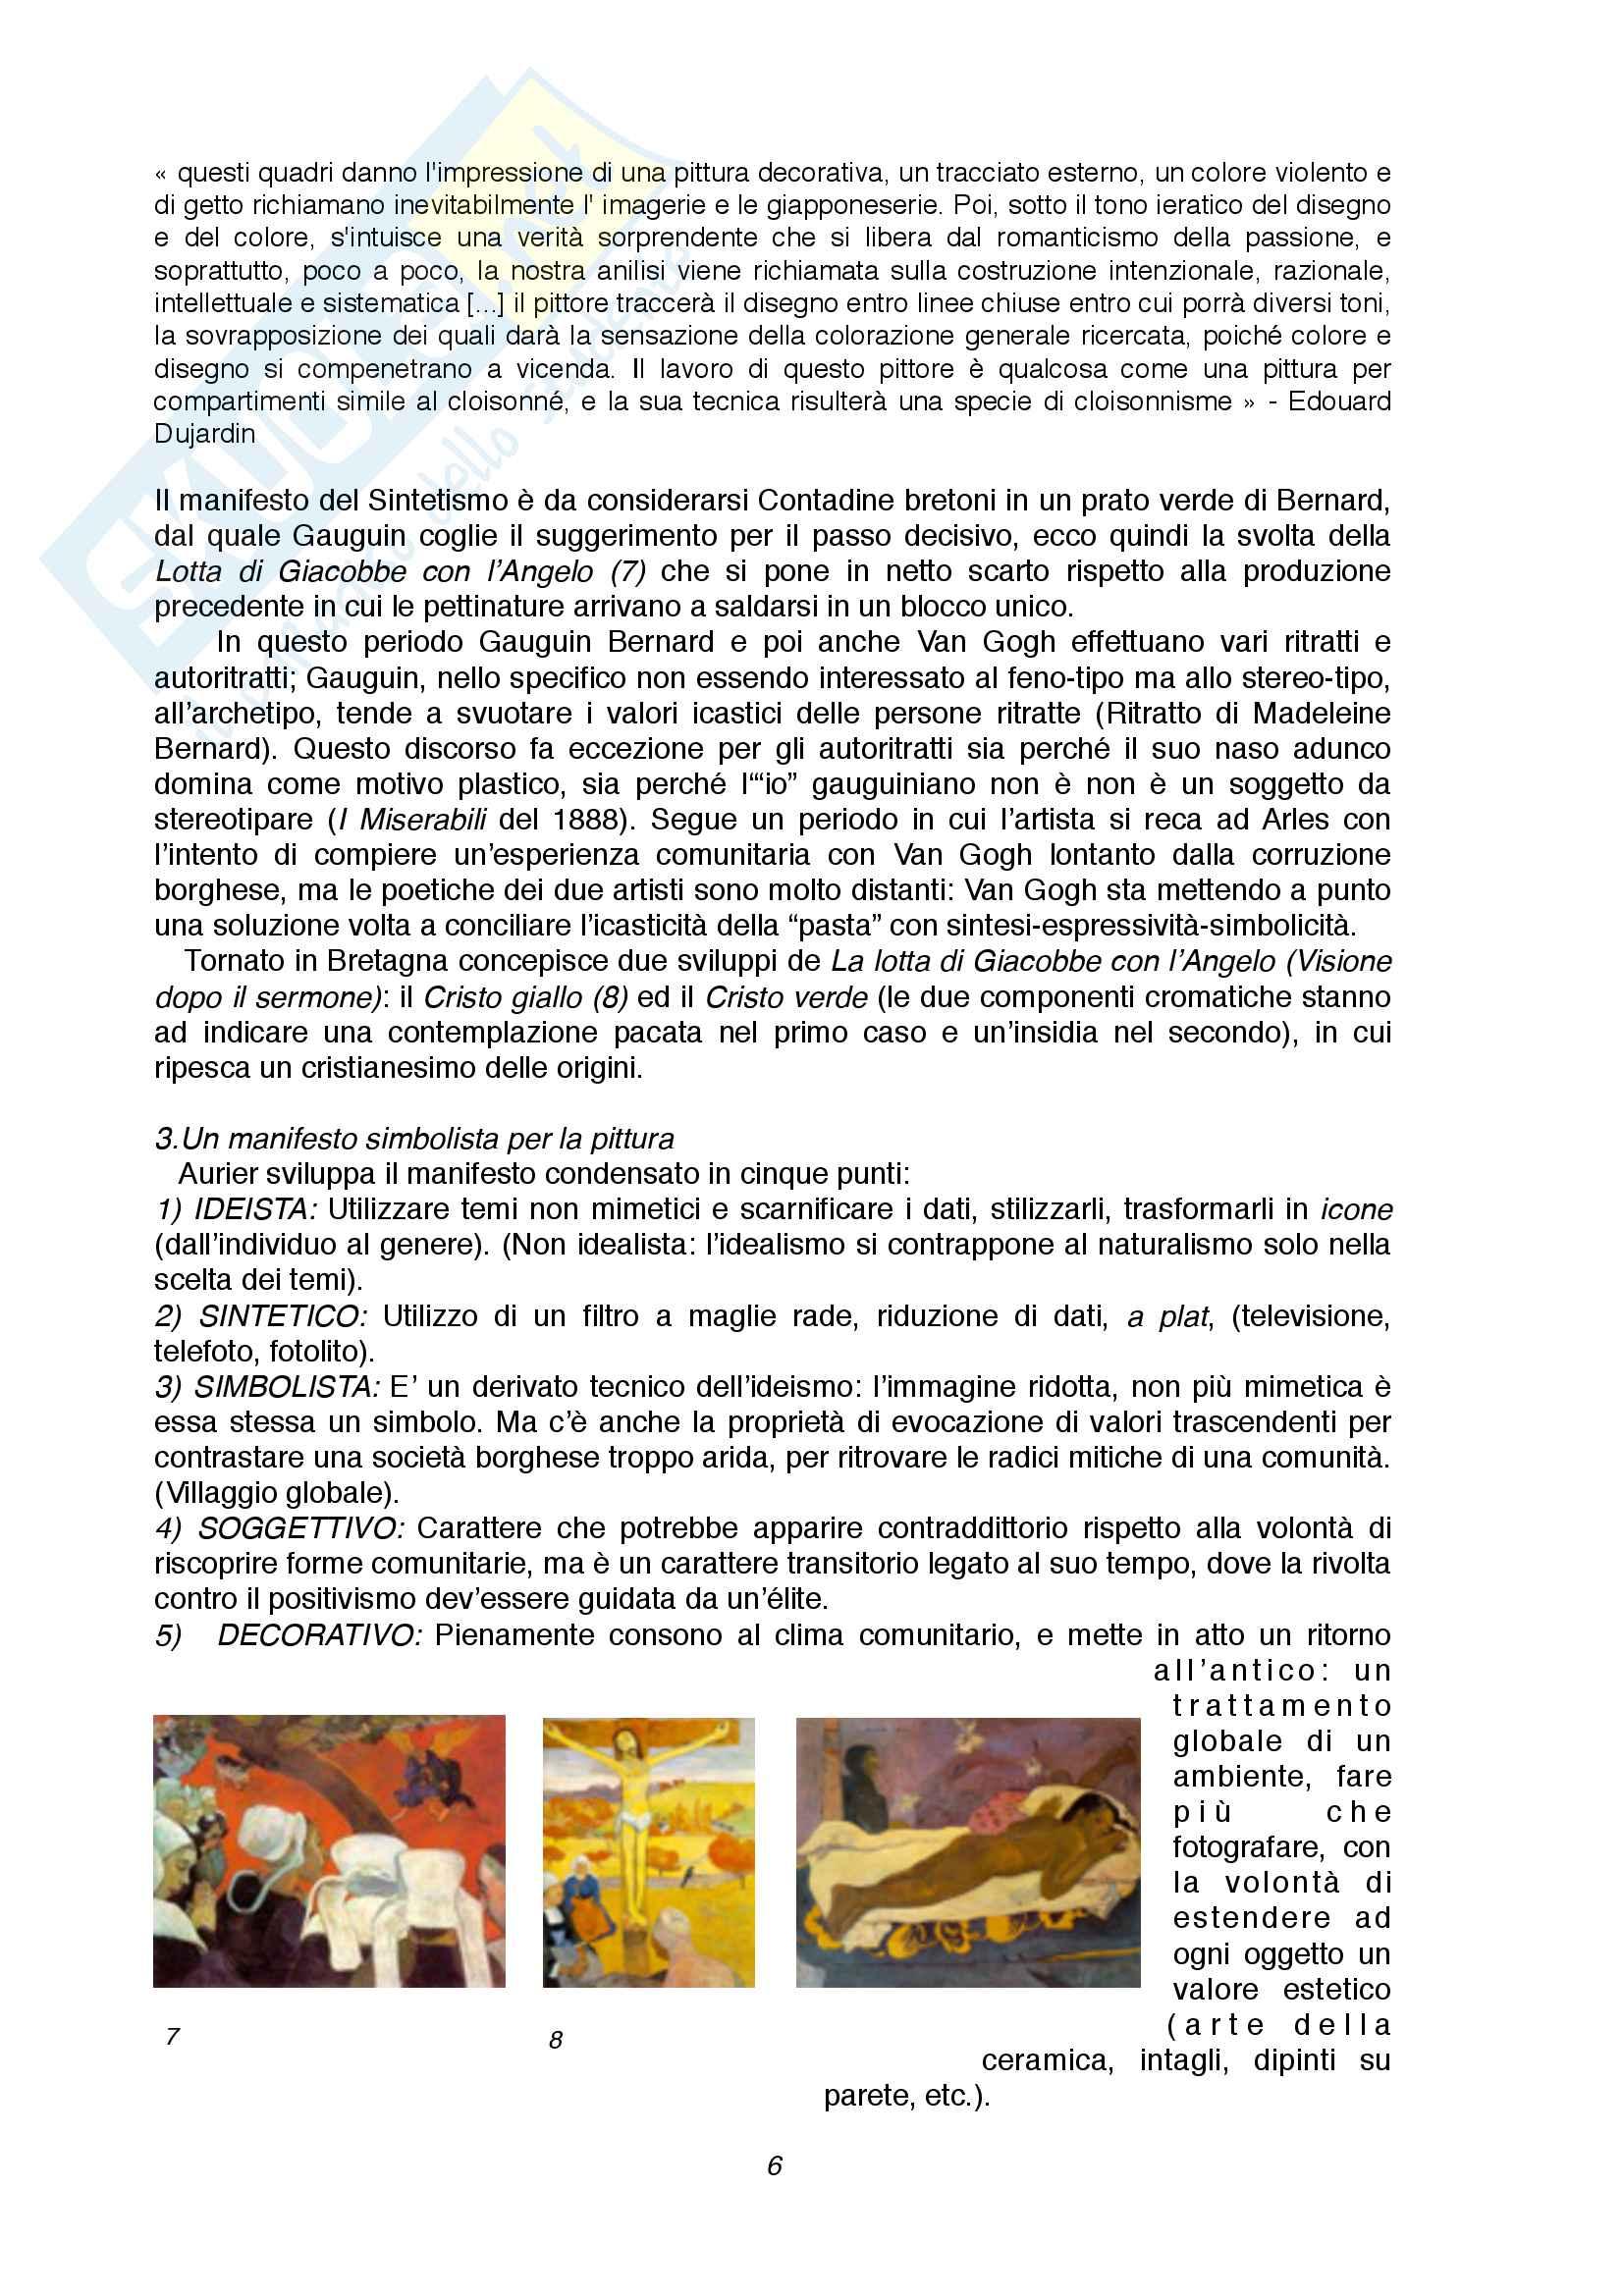 Riassunto esame Storia dell'arte contemporanea, prof. di Scienze letterarie, libro consigliato Renato Barilli, l'arte contemporanea da Cézanne alle ultime tendenze Pag. 6